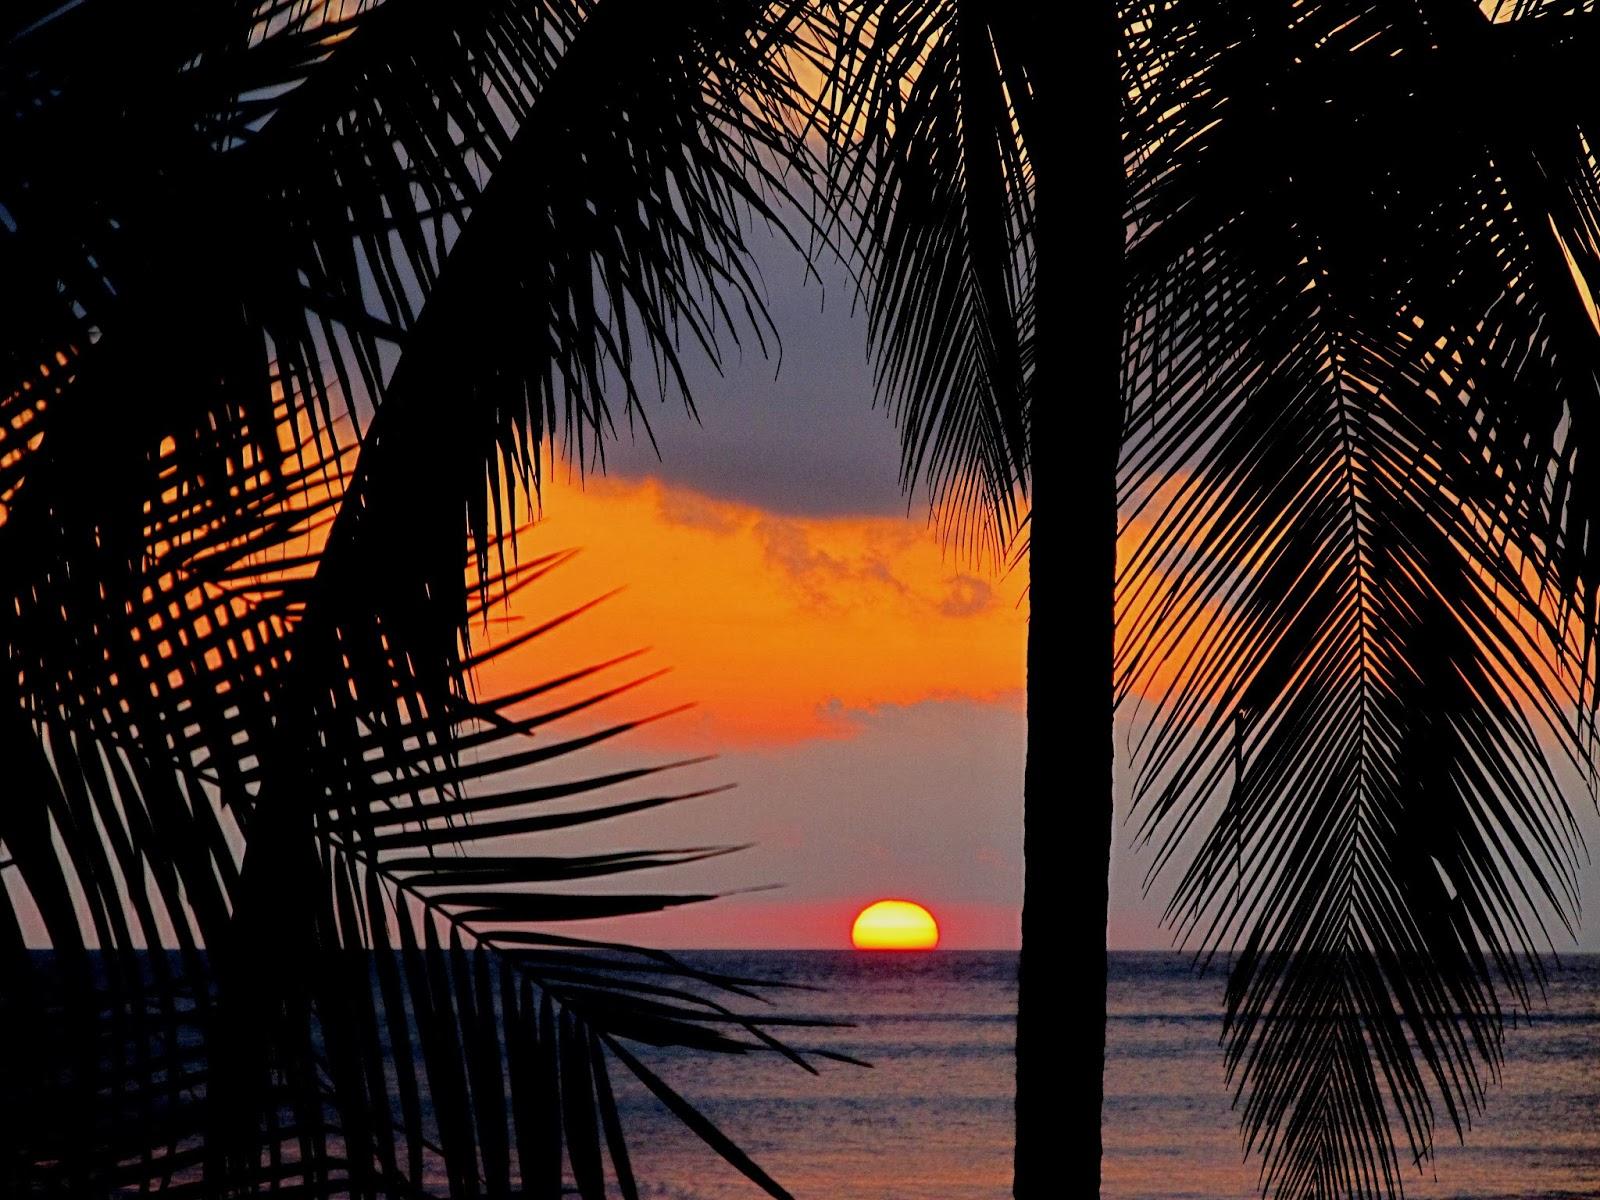 Costa Rica Jazz On The Beach